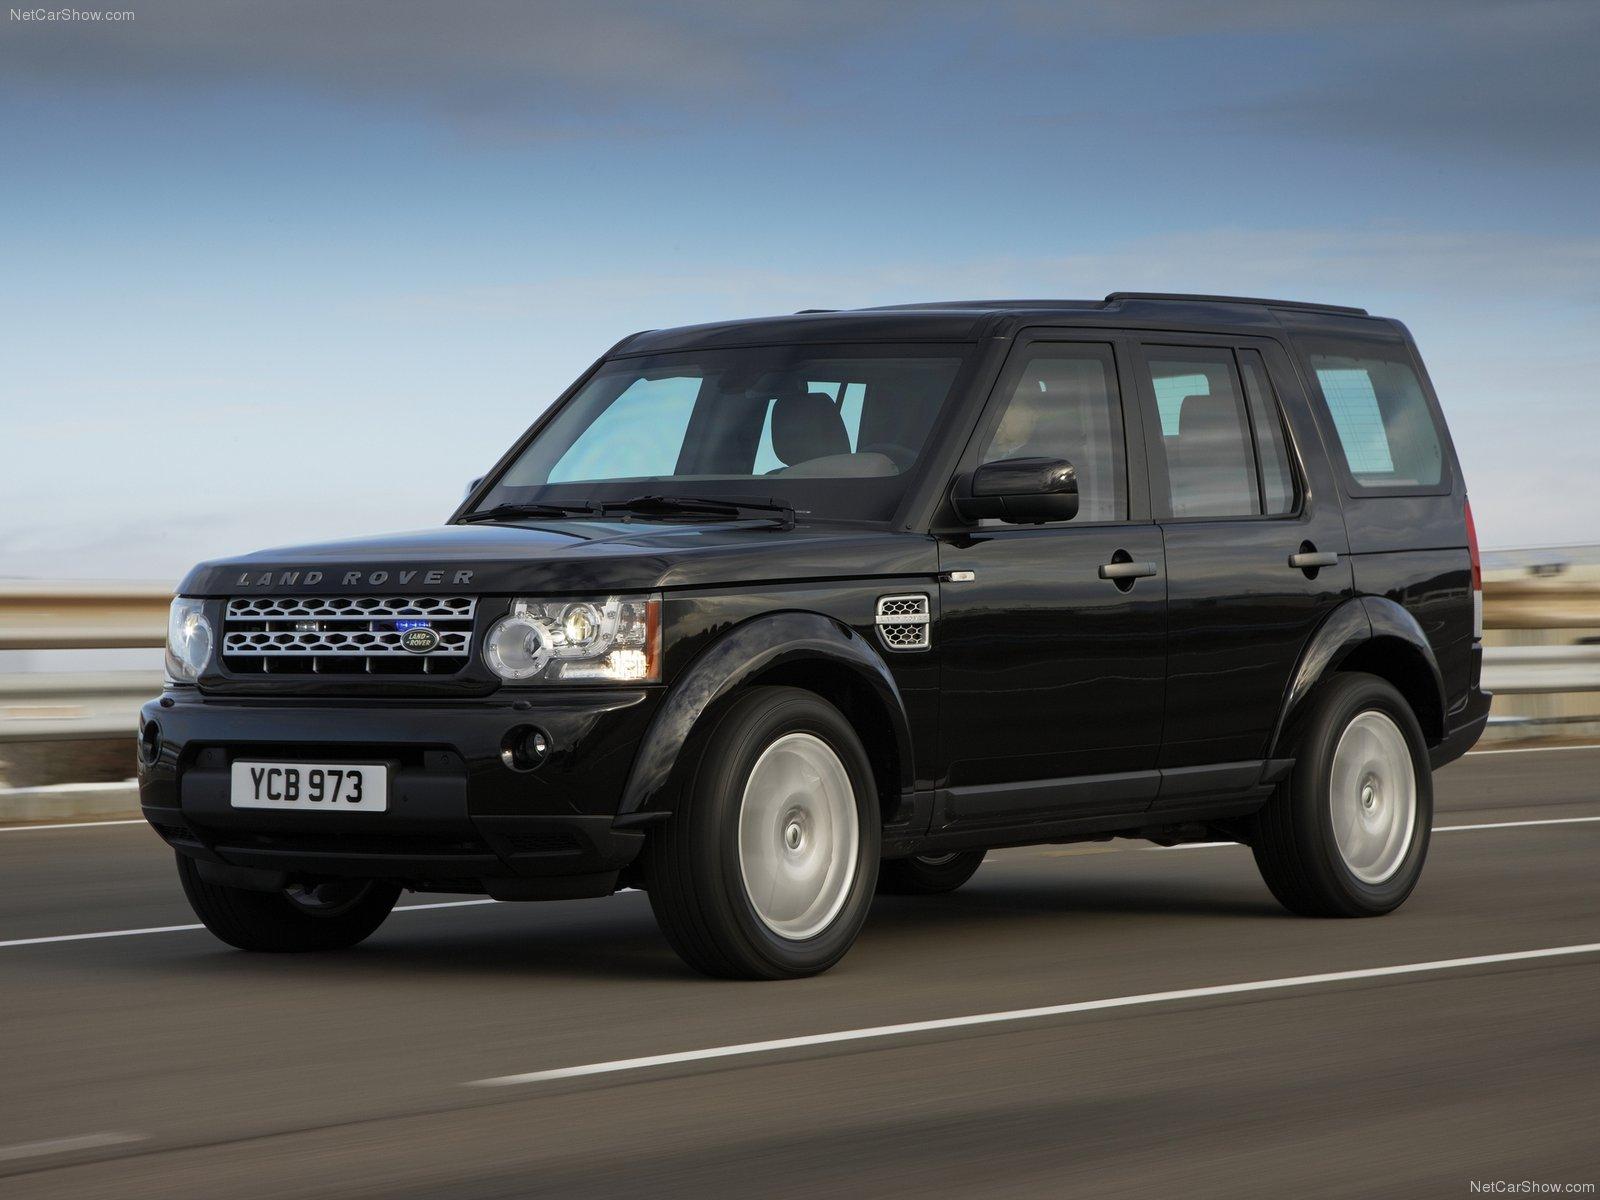 Hình ảnh xe ô tô Land Rover Discovery 4 Armoured 2011 & nội ngoại thất